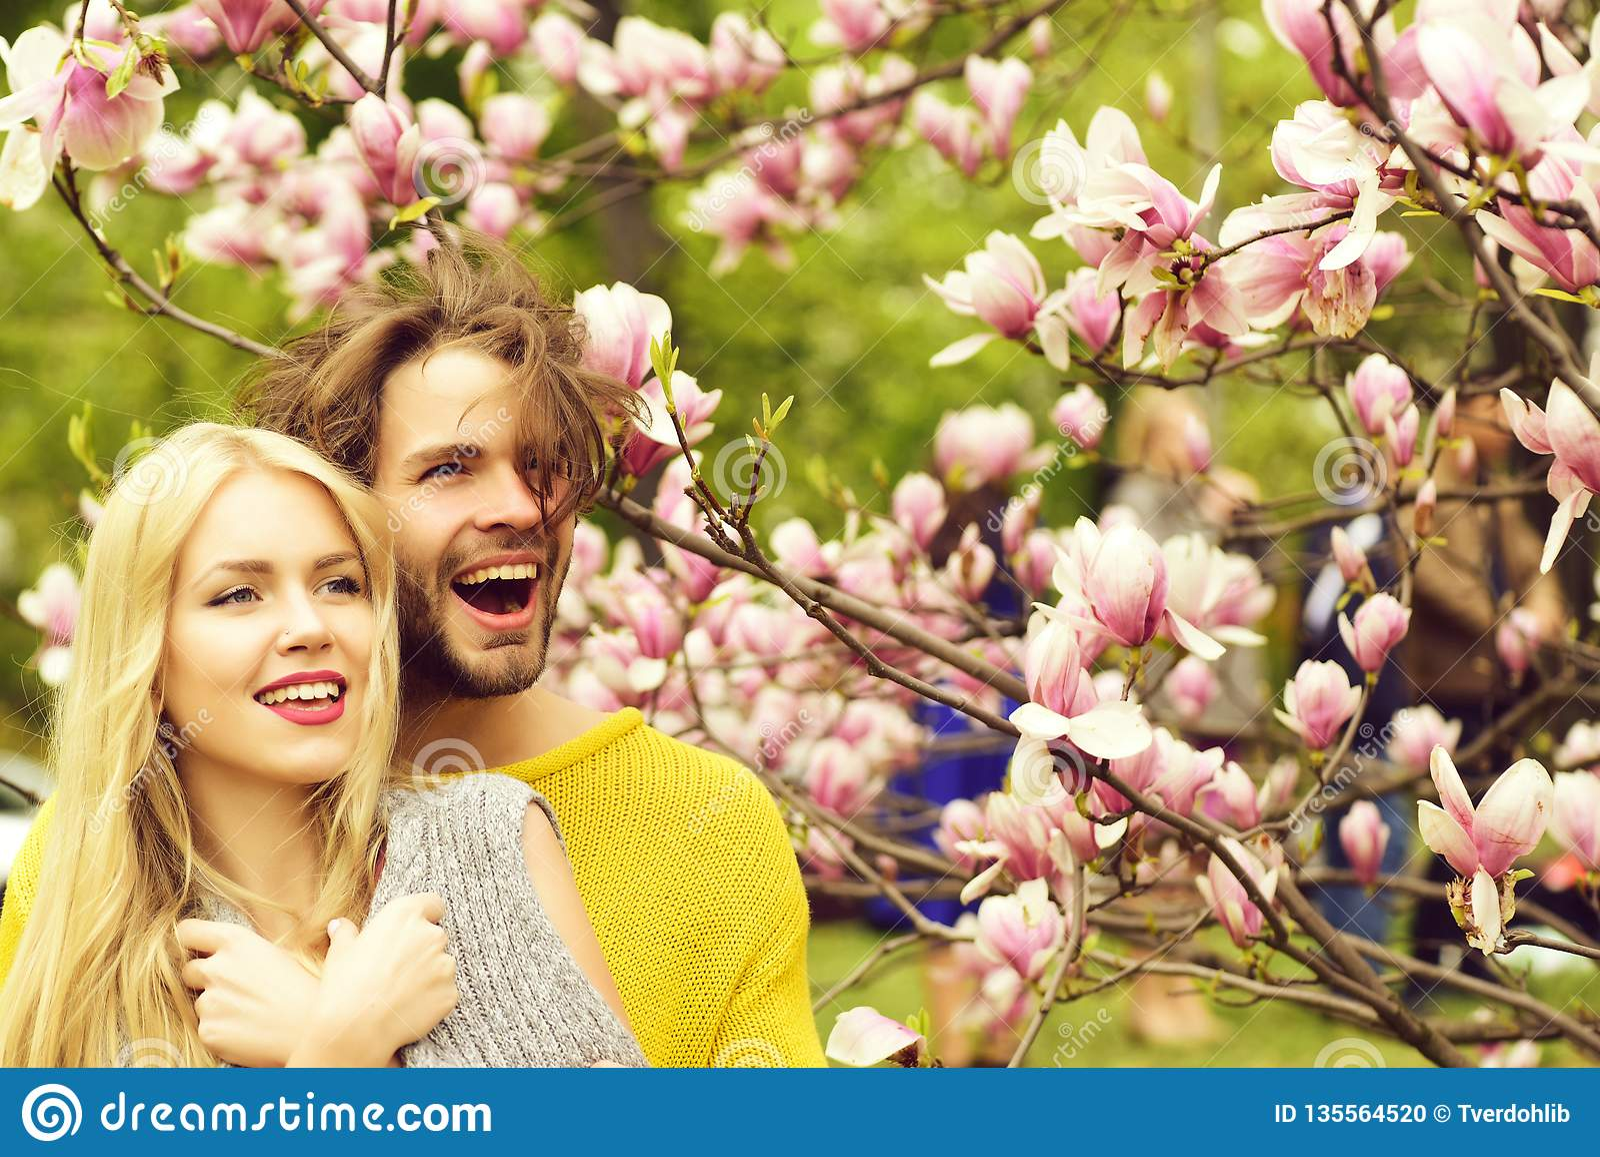 Ο άνδρας και η γυναίκα, συνδέουν τα ερωτευμένα την άνοιξη λουλούδια magnolia